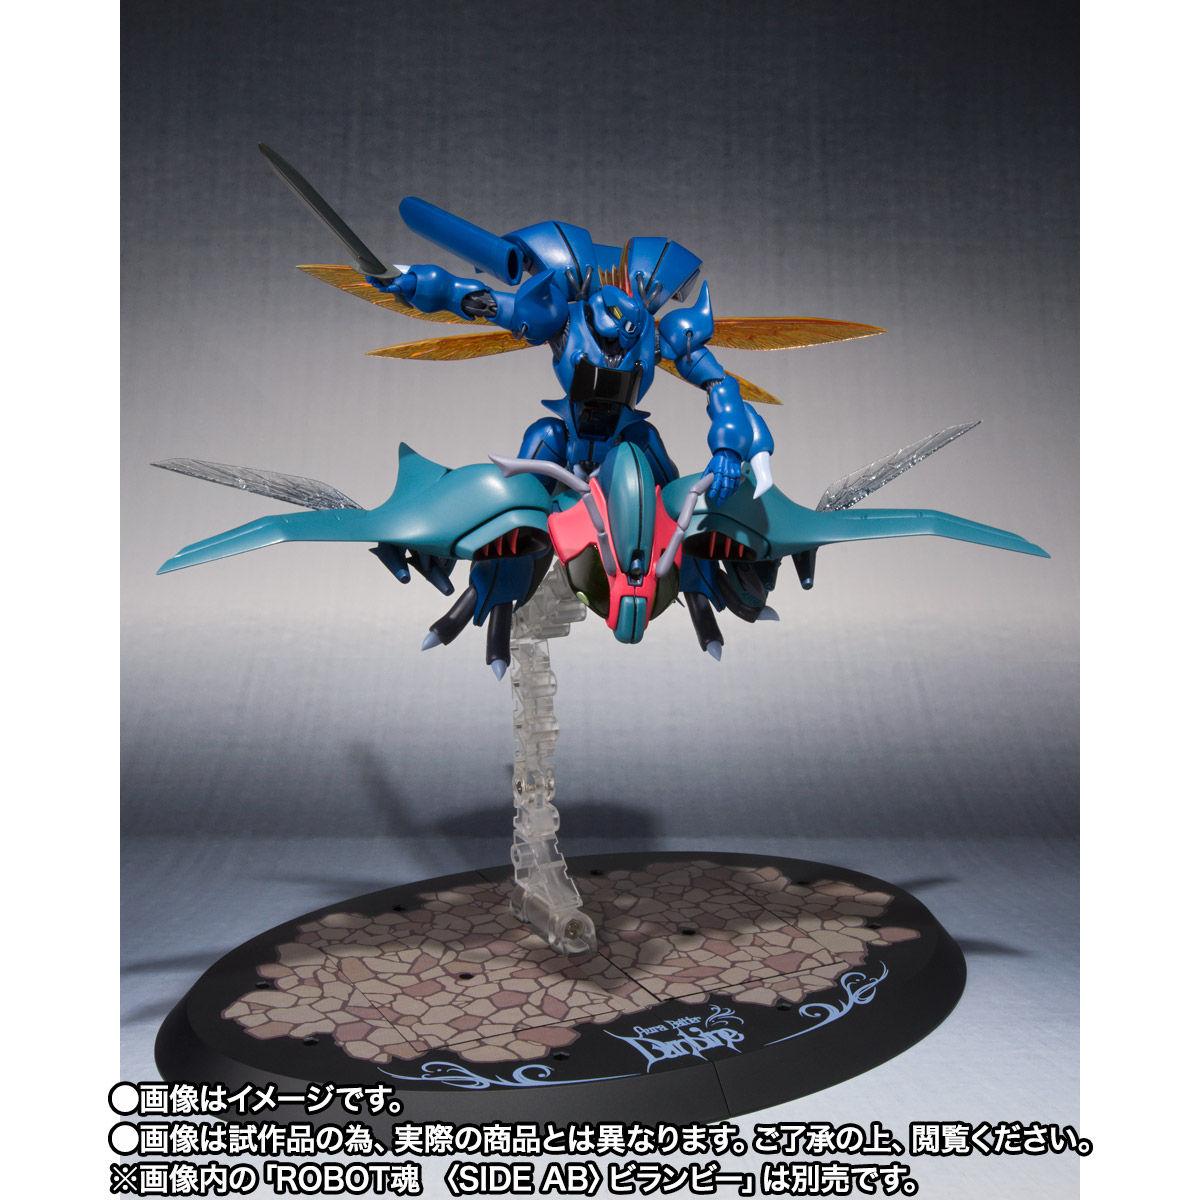 【限定販売】ROBOT魂〈SIDE AB〉『バラウ』可動フィギュア-008